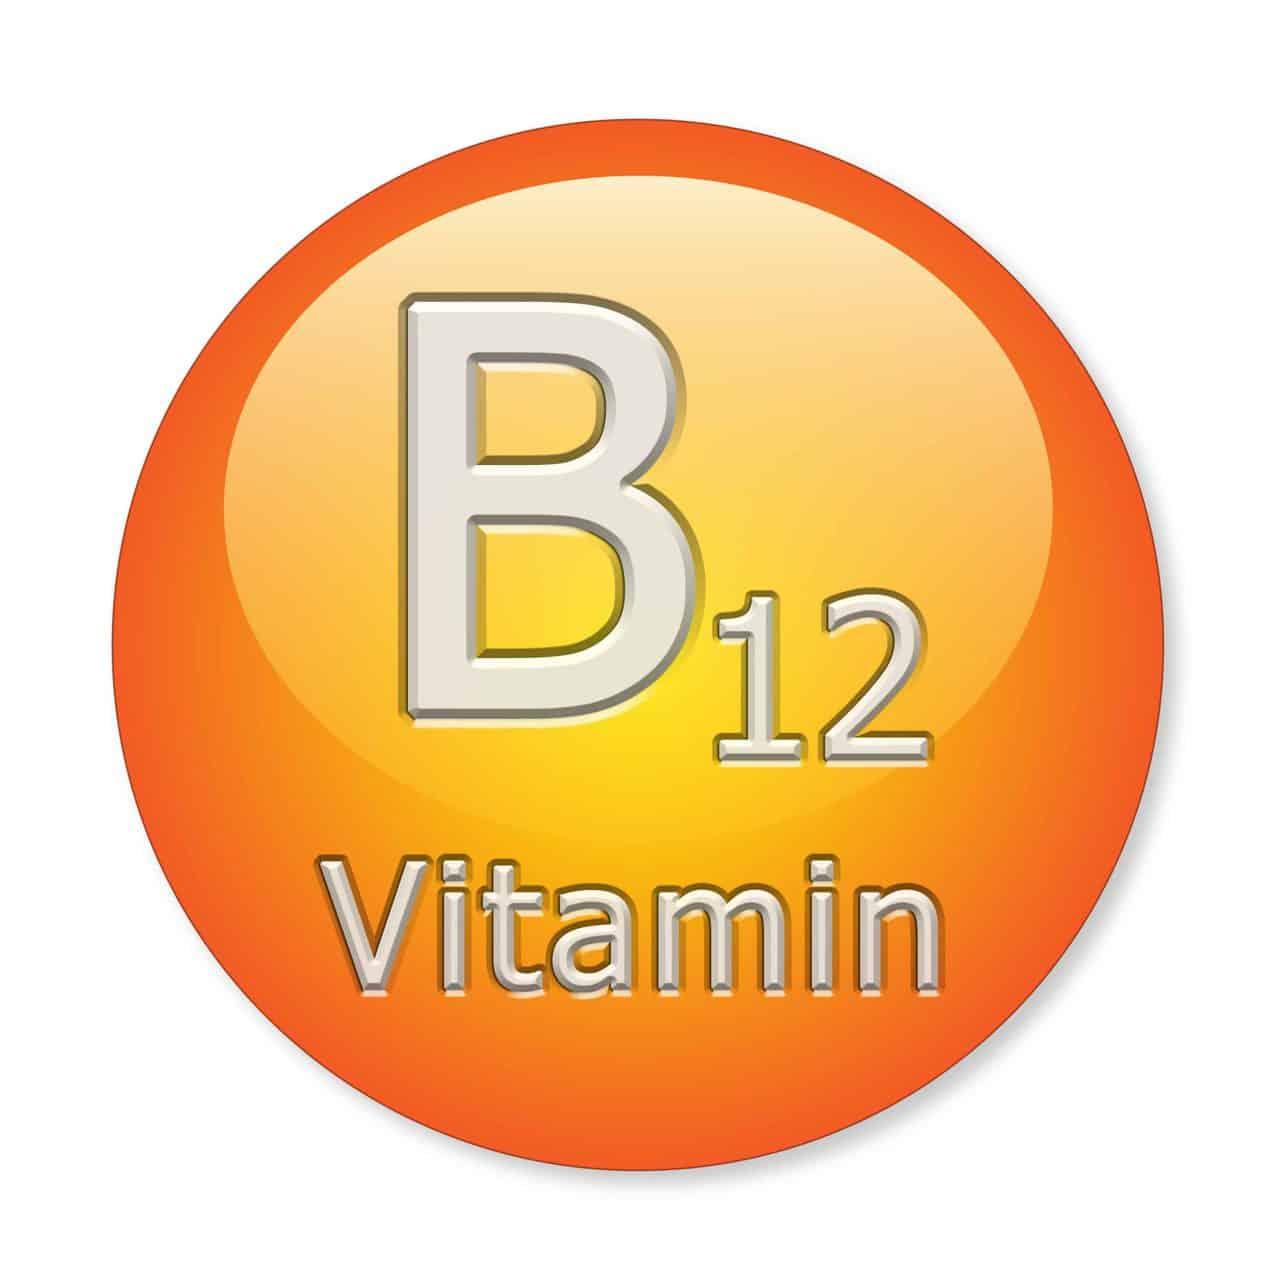 Witamina B12 – działanie, właściwości, rola w organizmie. Objawy niedoboru